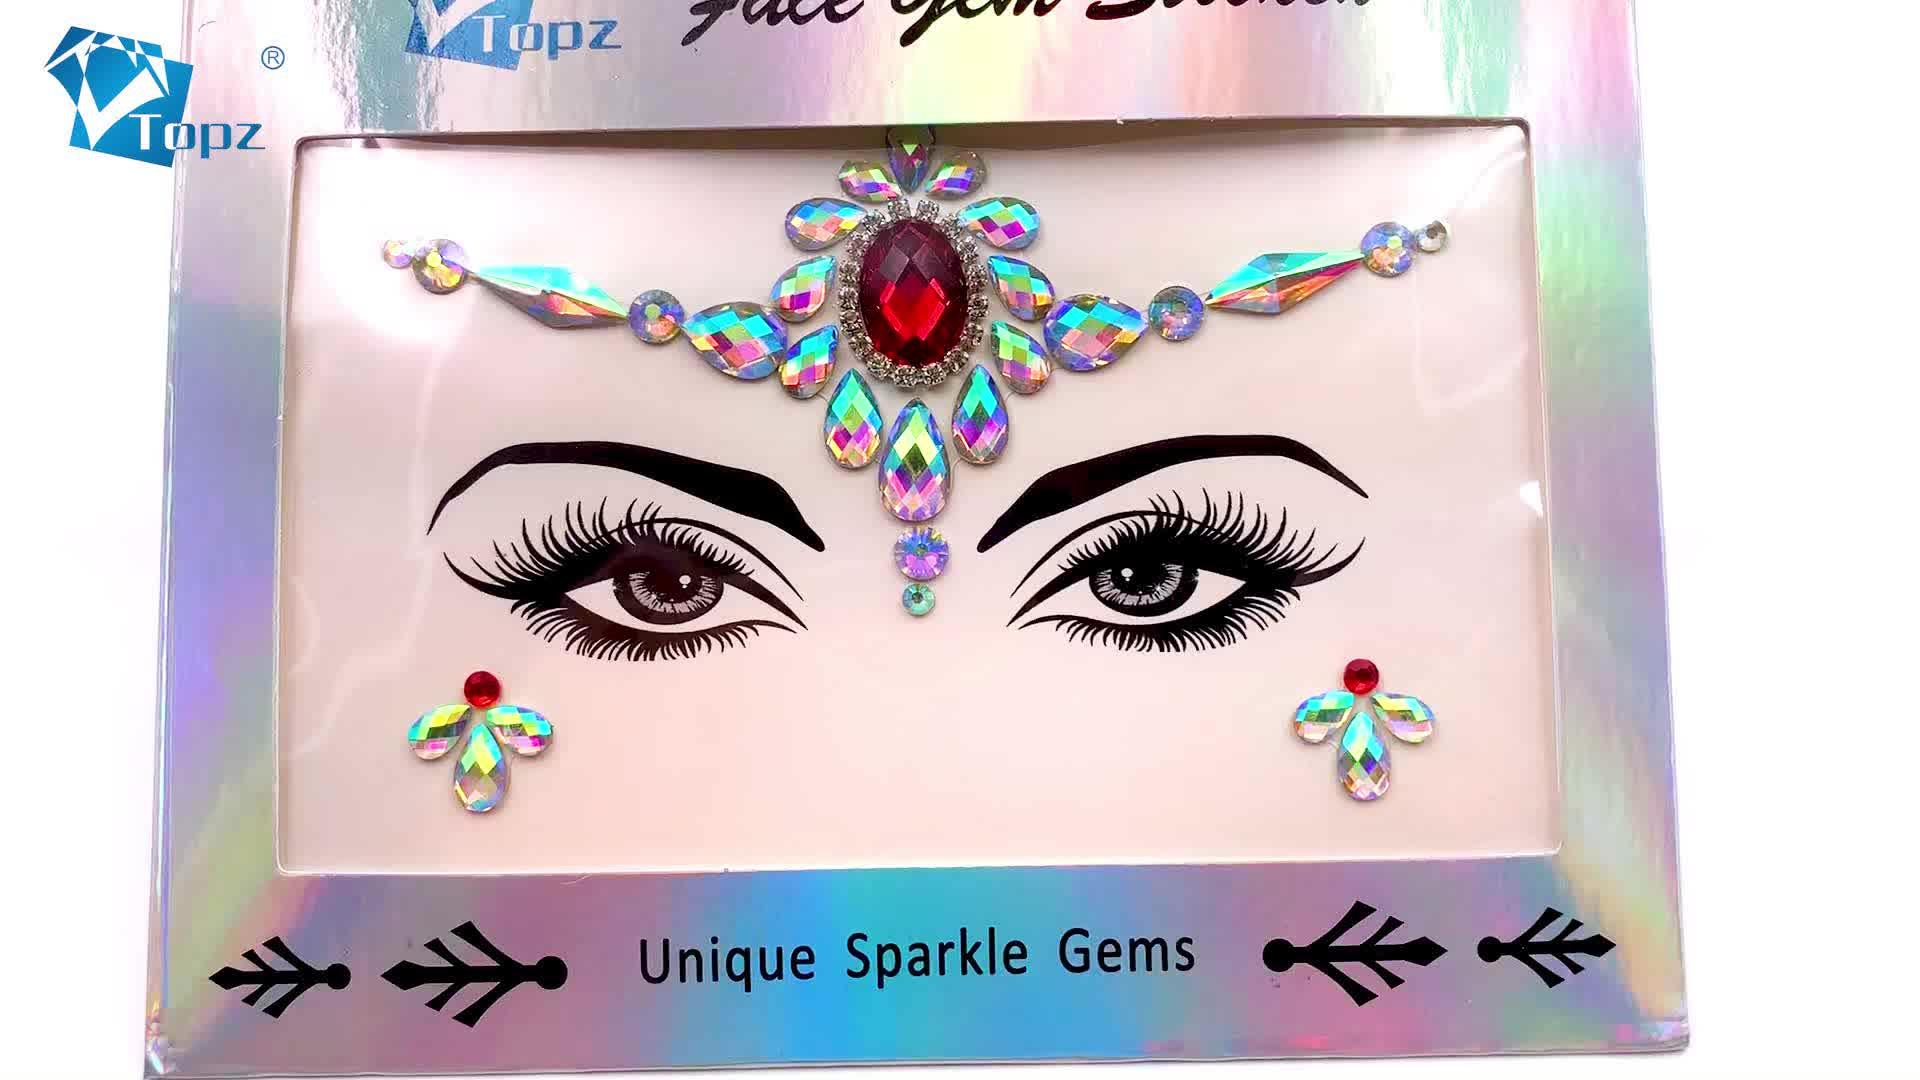 2020 yeni çingene tapınak yüz mücevherleri/vücut mücevher dövmeler noel için